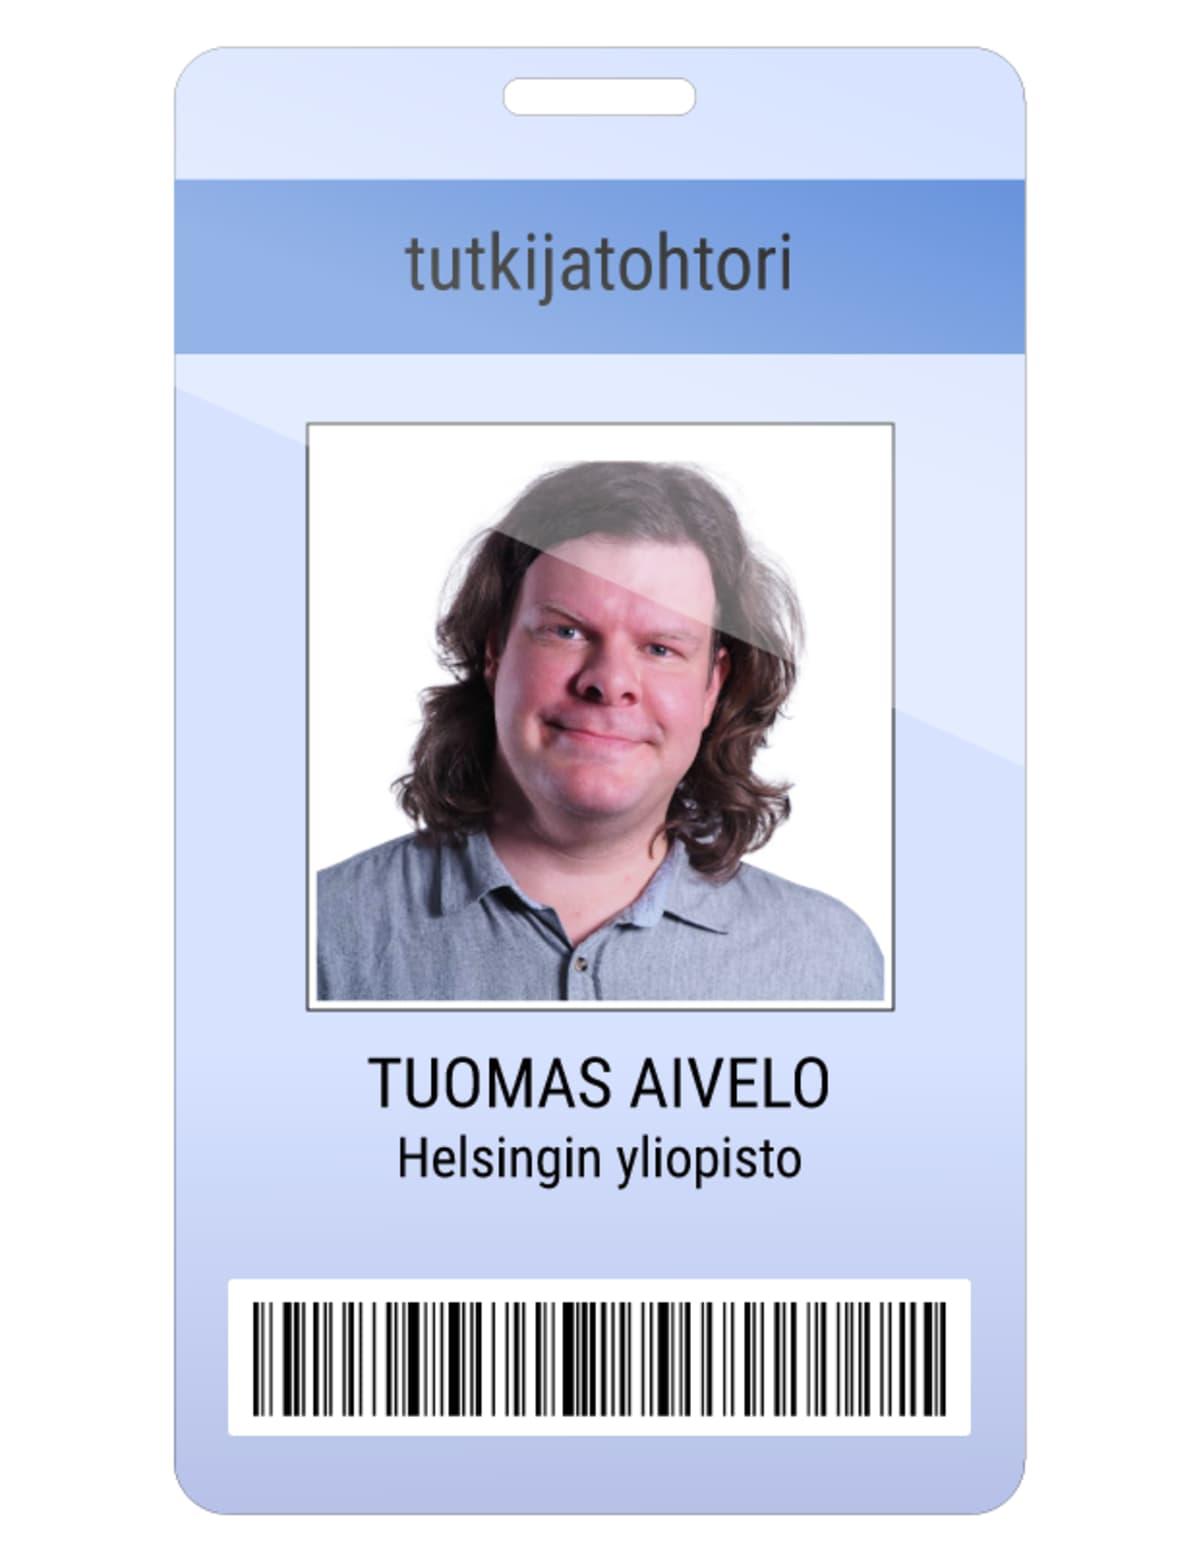 Tuomas Aivelo kuvitteellinen kulkukortti.